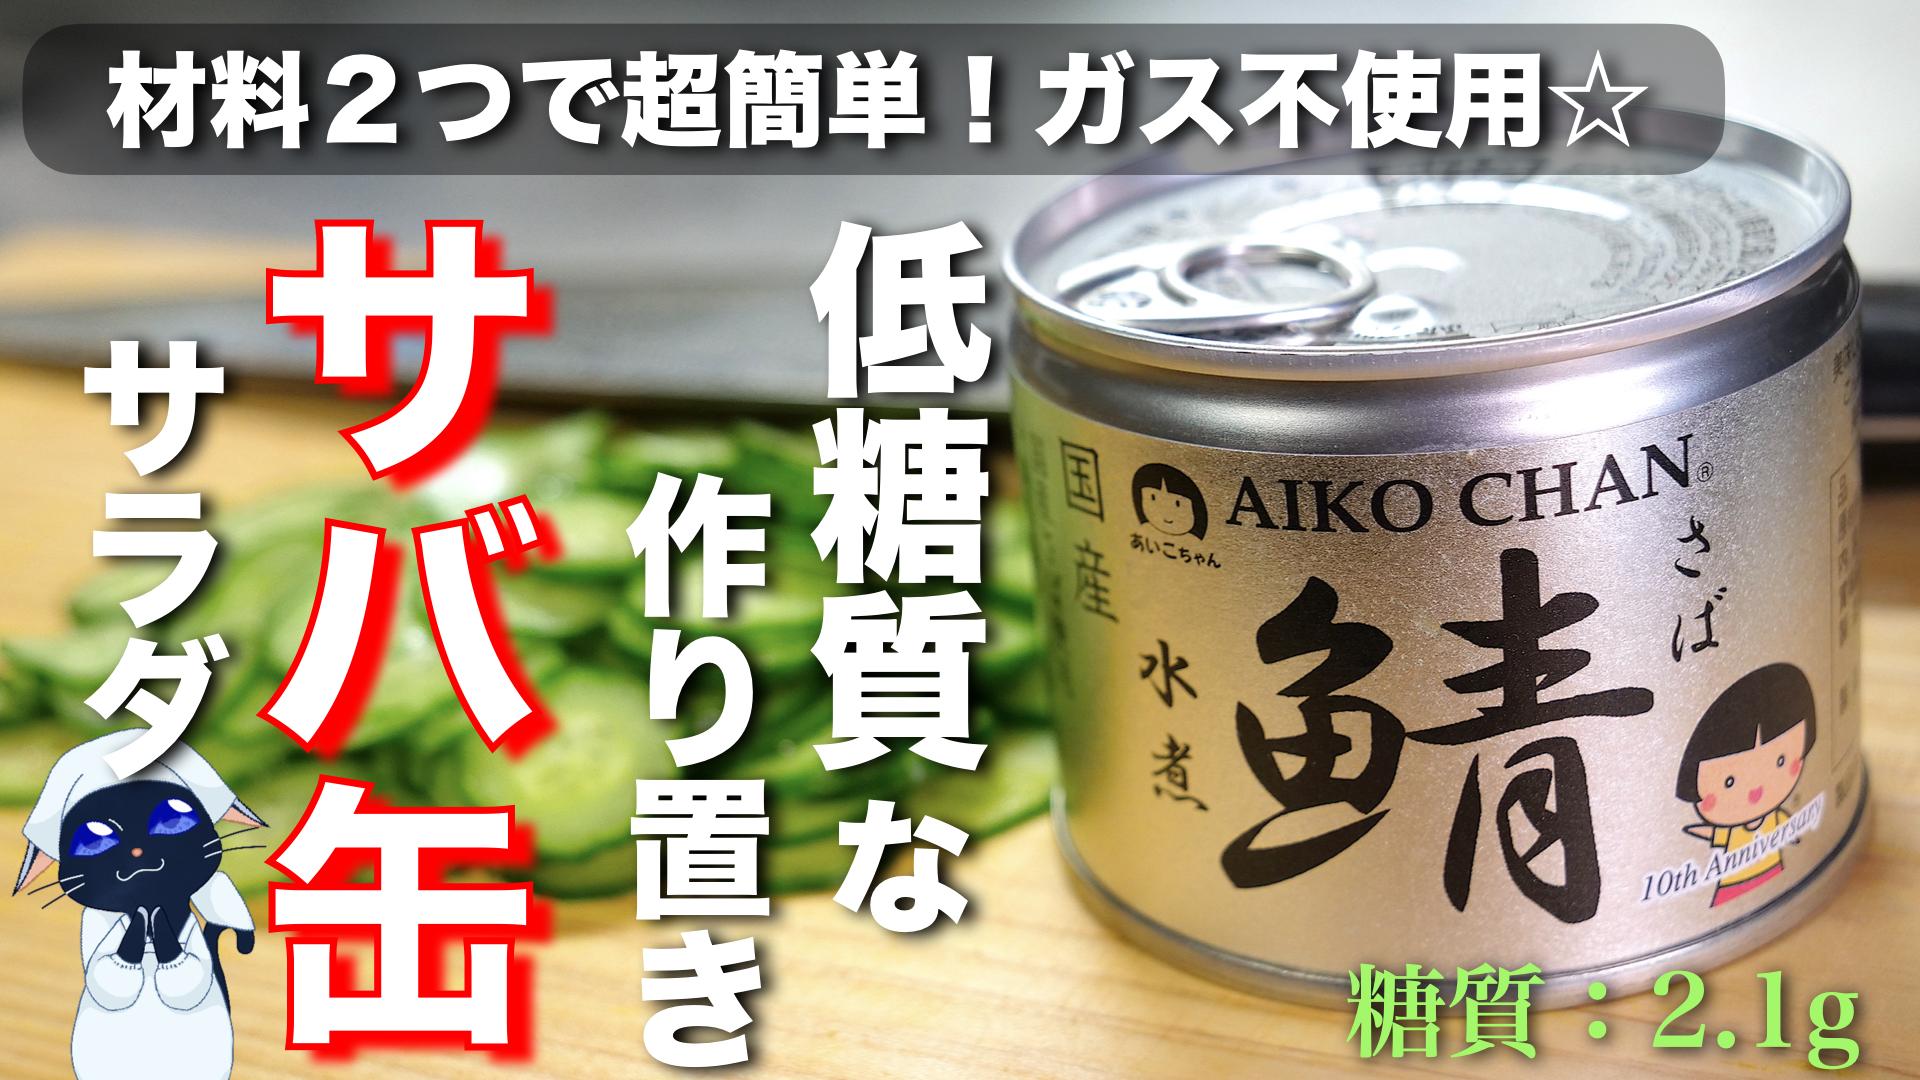 サバ缶 きゅうり レシピ 低糖質